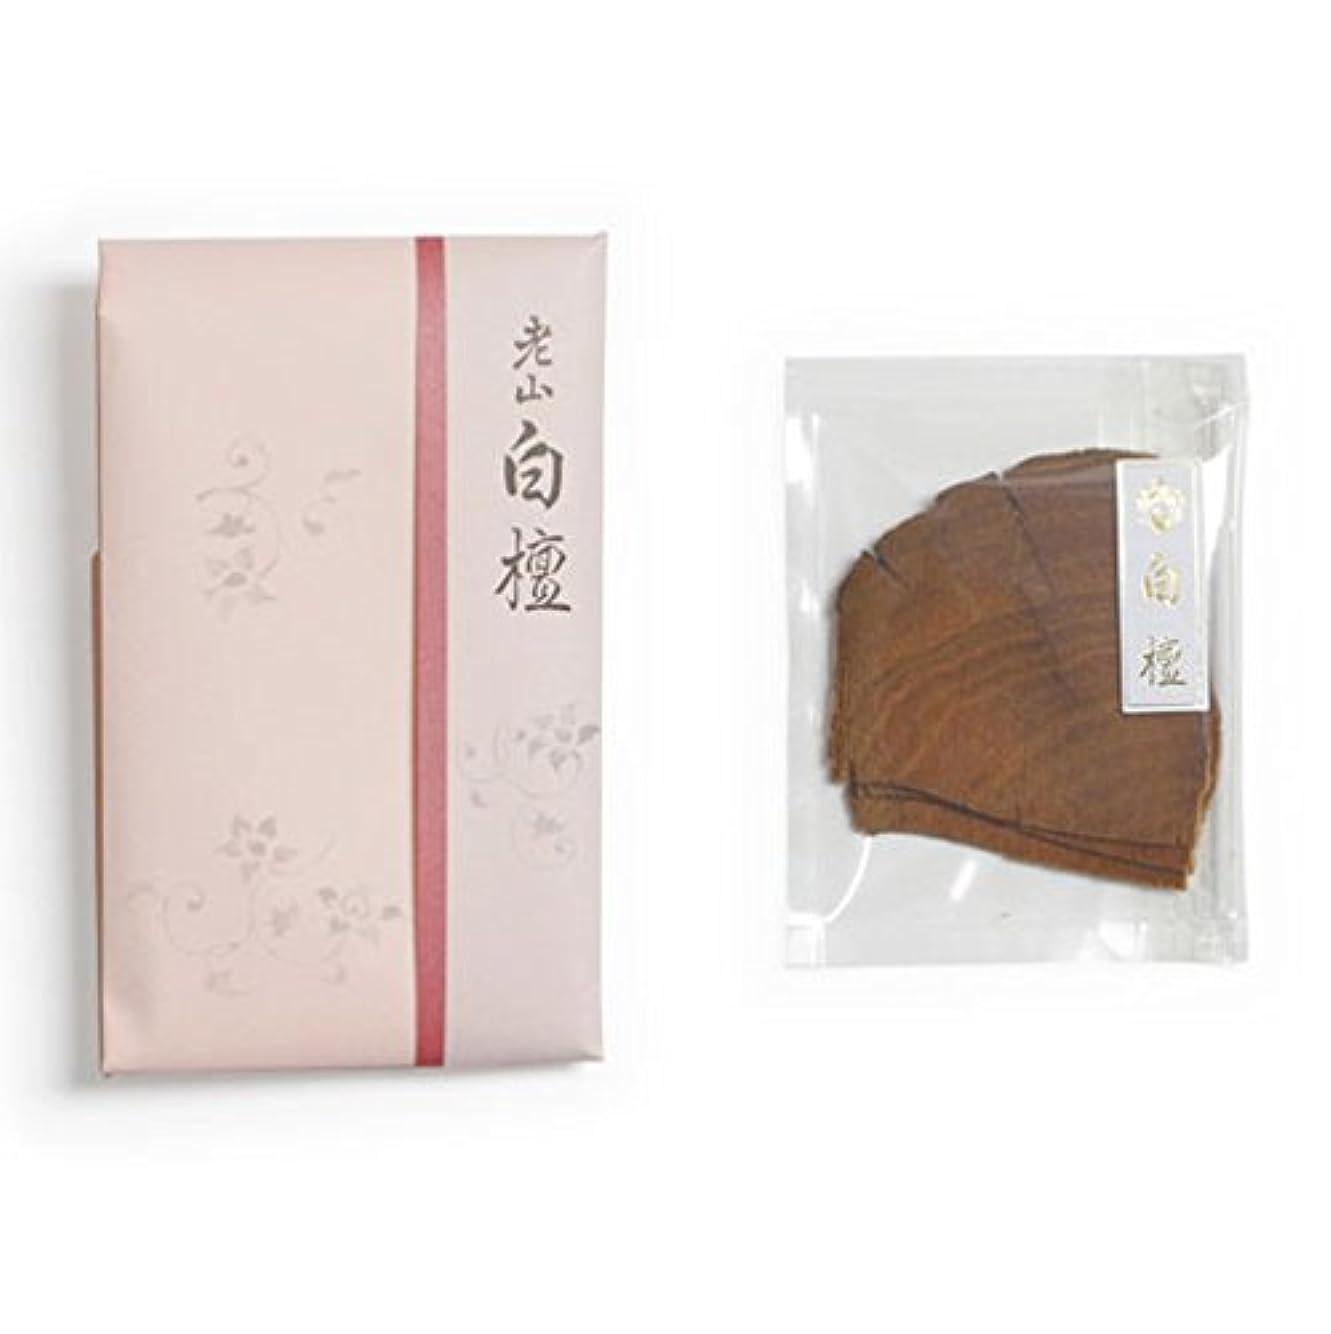 努力する内訳伝える香木 老山白檀 重(かさね) 10g詰 香木 松栄堂 Shoyeido